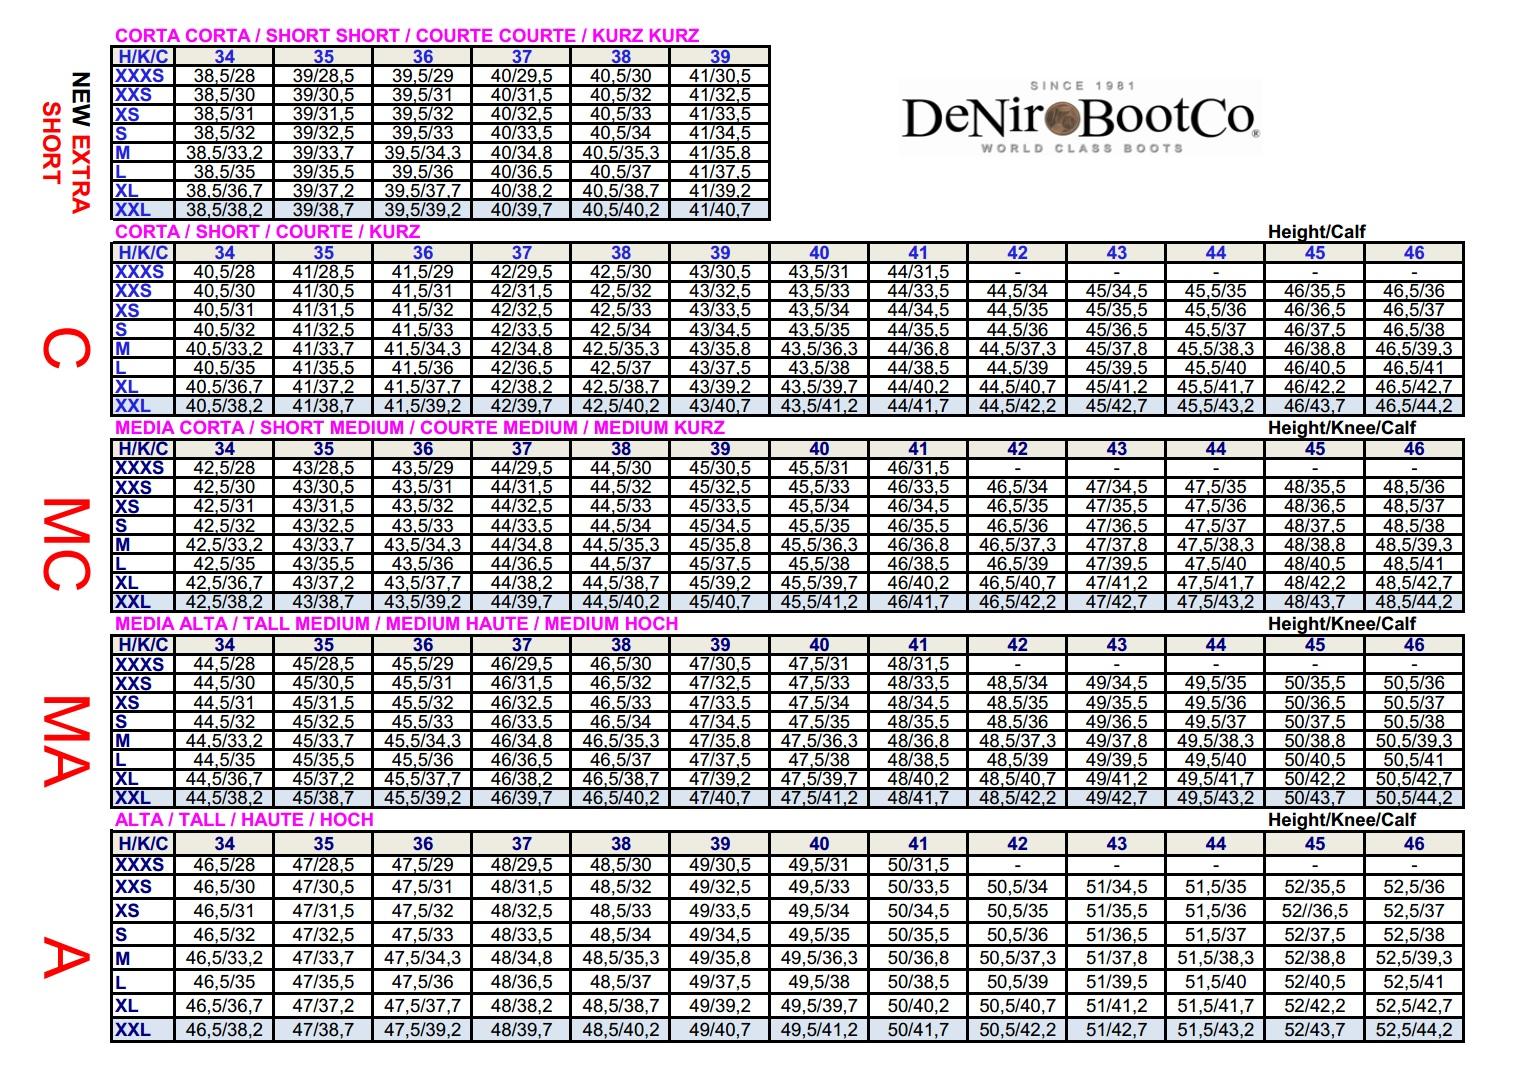 DeNiro-Masstabellen-neu